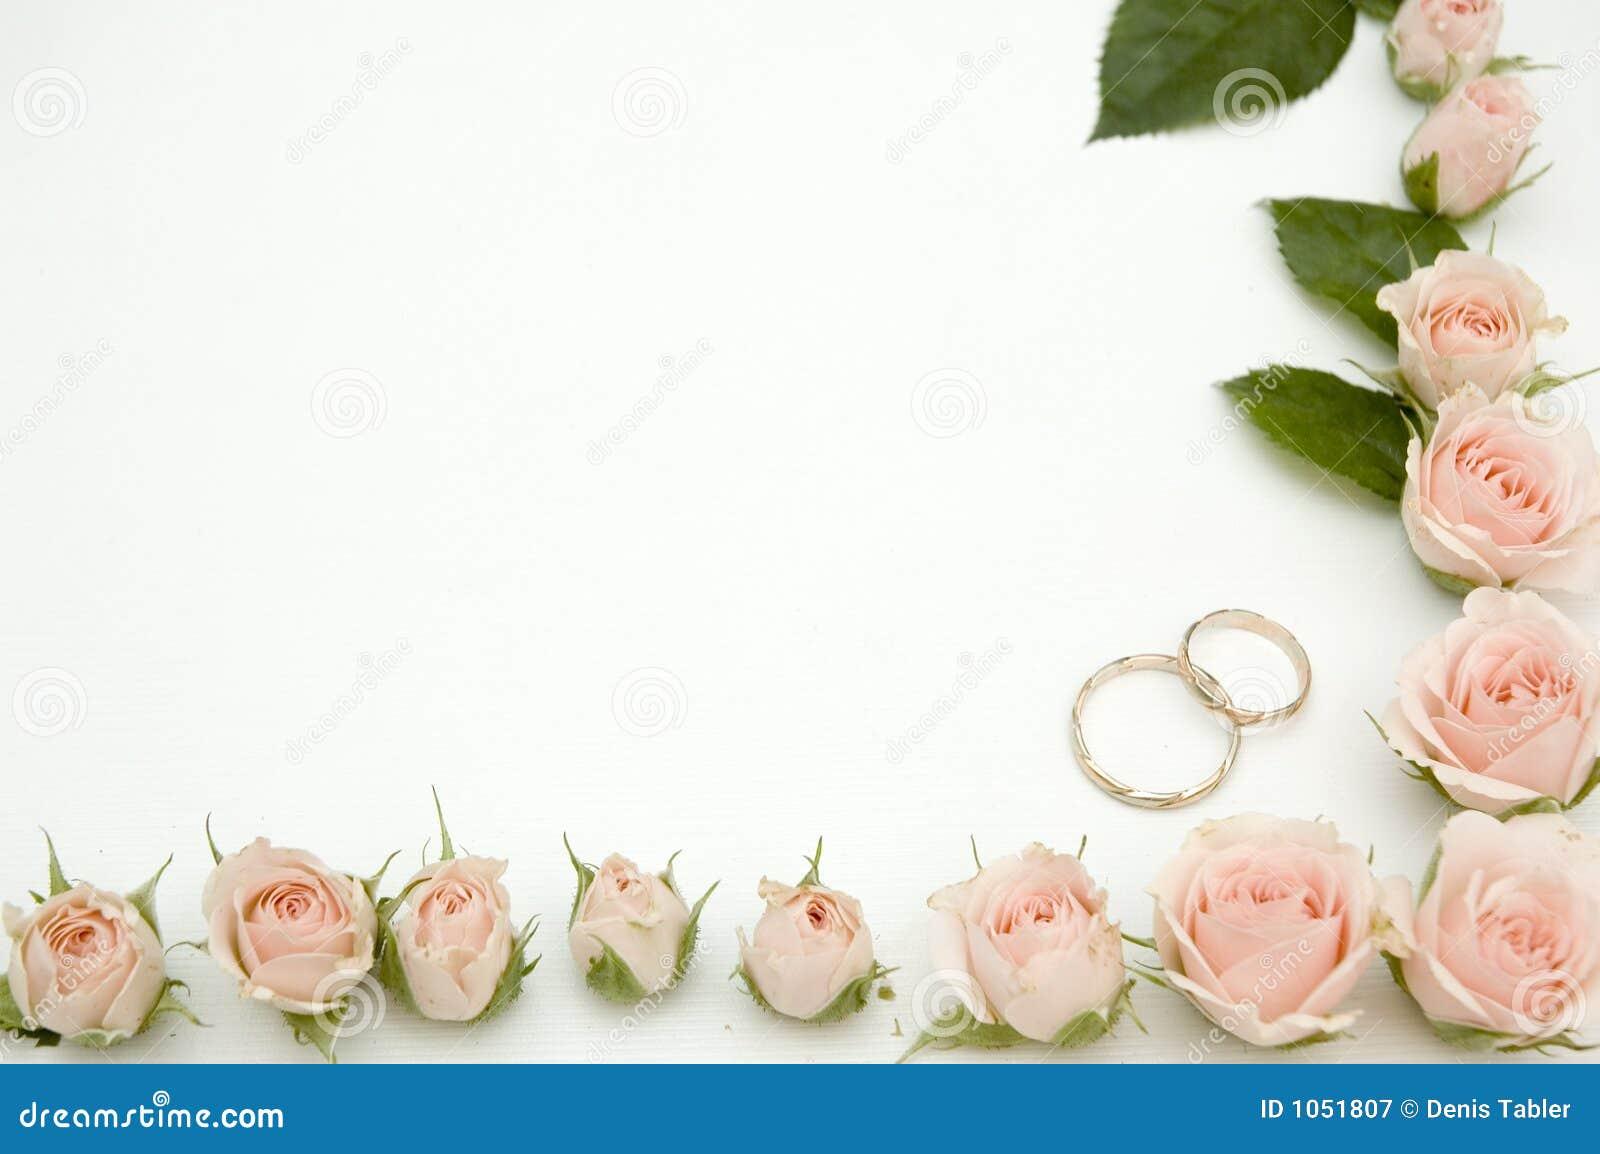 Framed Wedding Invitation as best invitation design